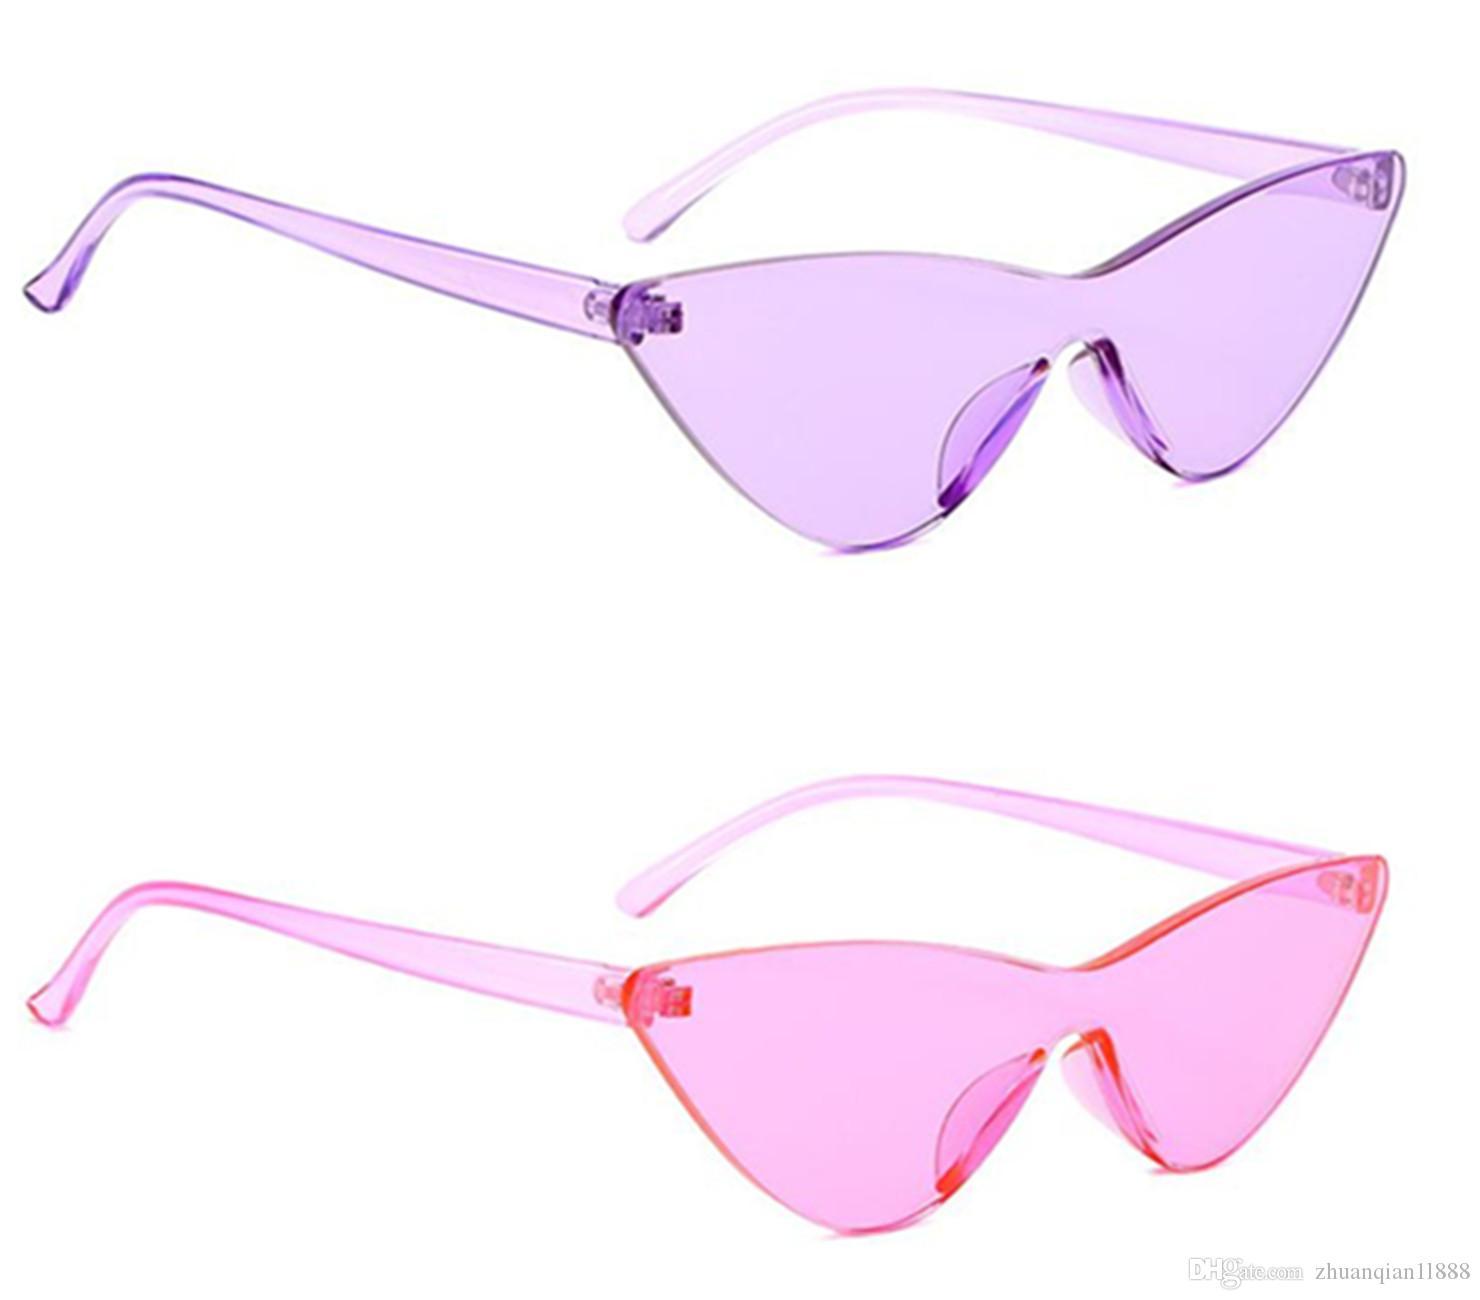 3a873235289 New Cat Eye Sunglasses One Big Box Avant Garde Hot Candy Color Sunglasses  UV400 Sunglasses Eyeglasses From Zhuanqian1l888